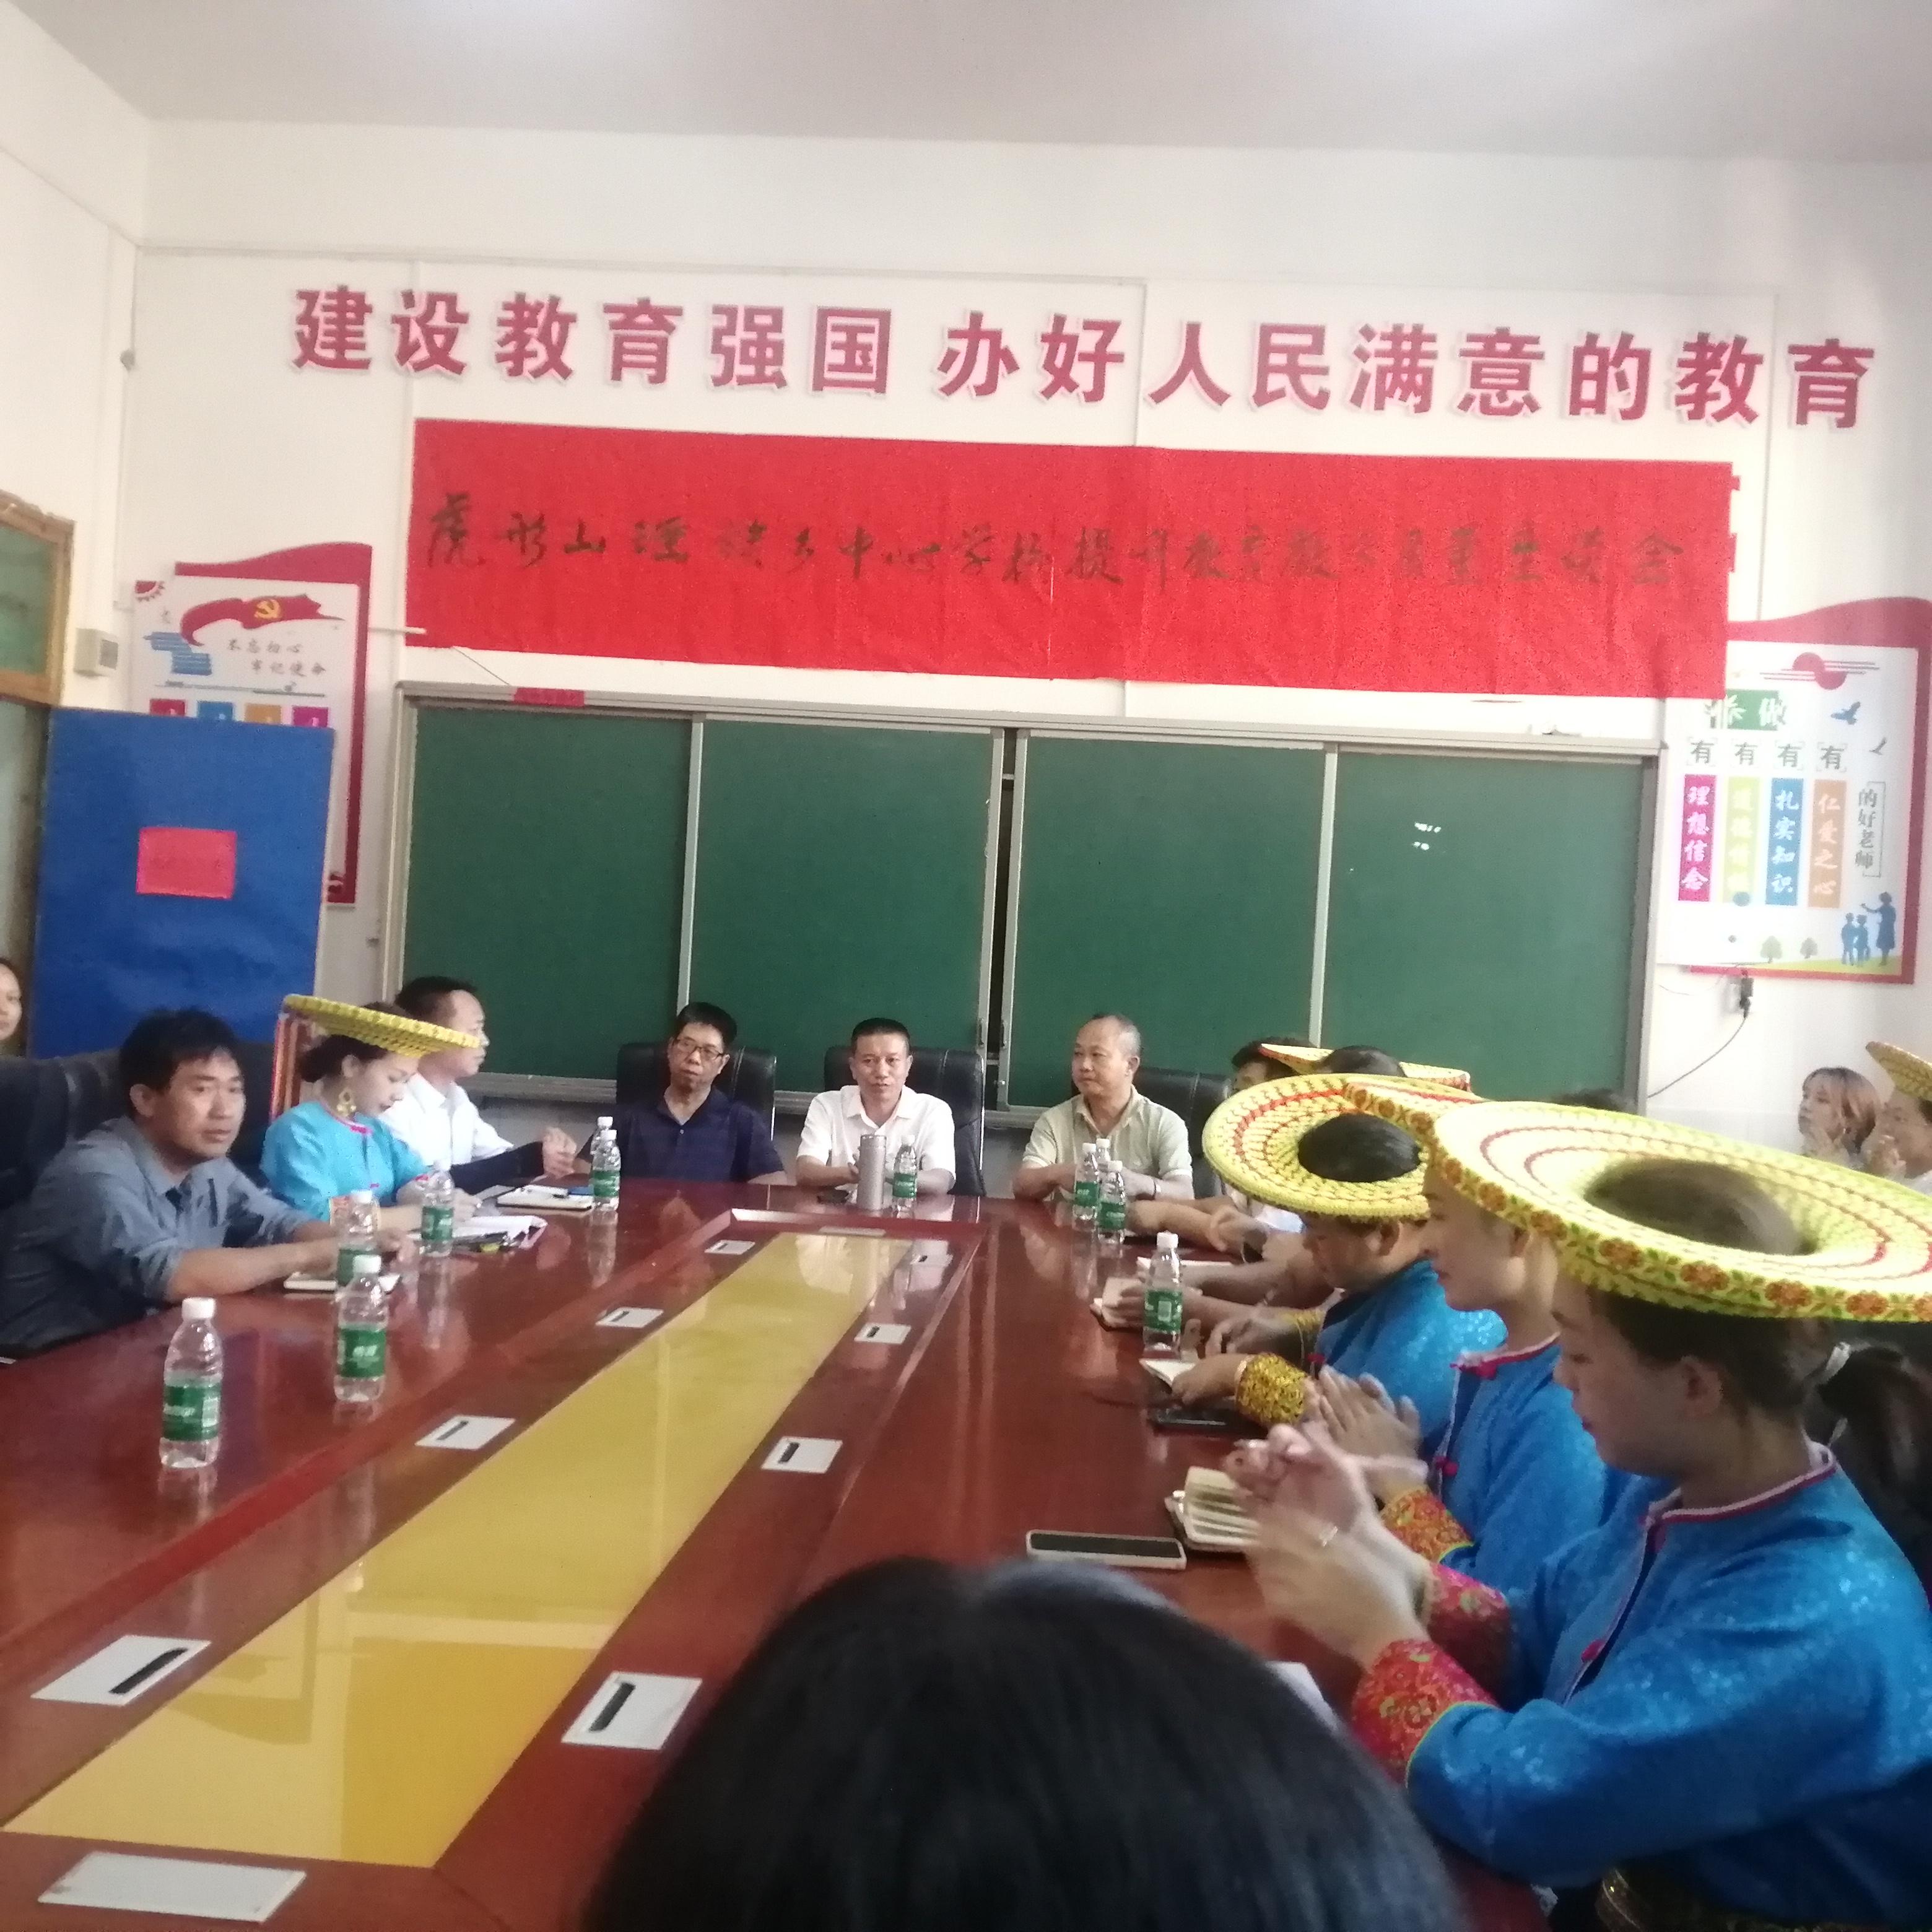 隆回县教育局到虎形山瑶族乡九年义务制学校召开教育质量座谈会